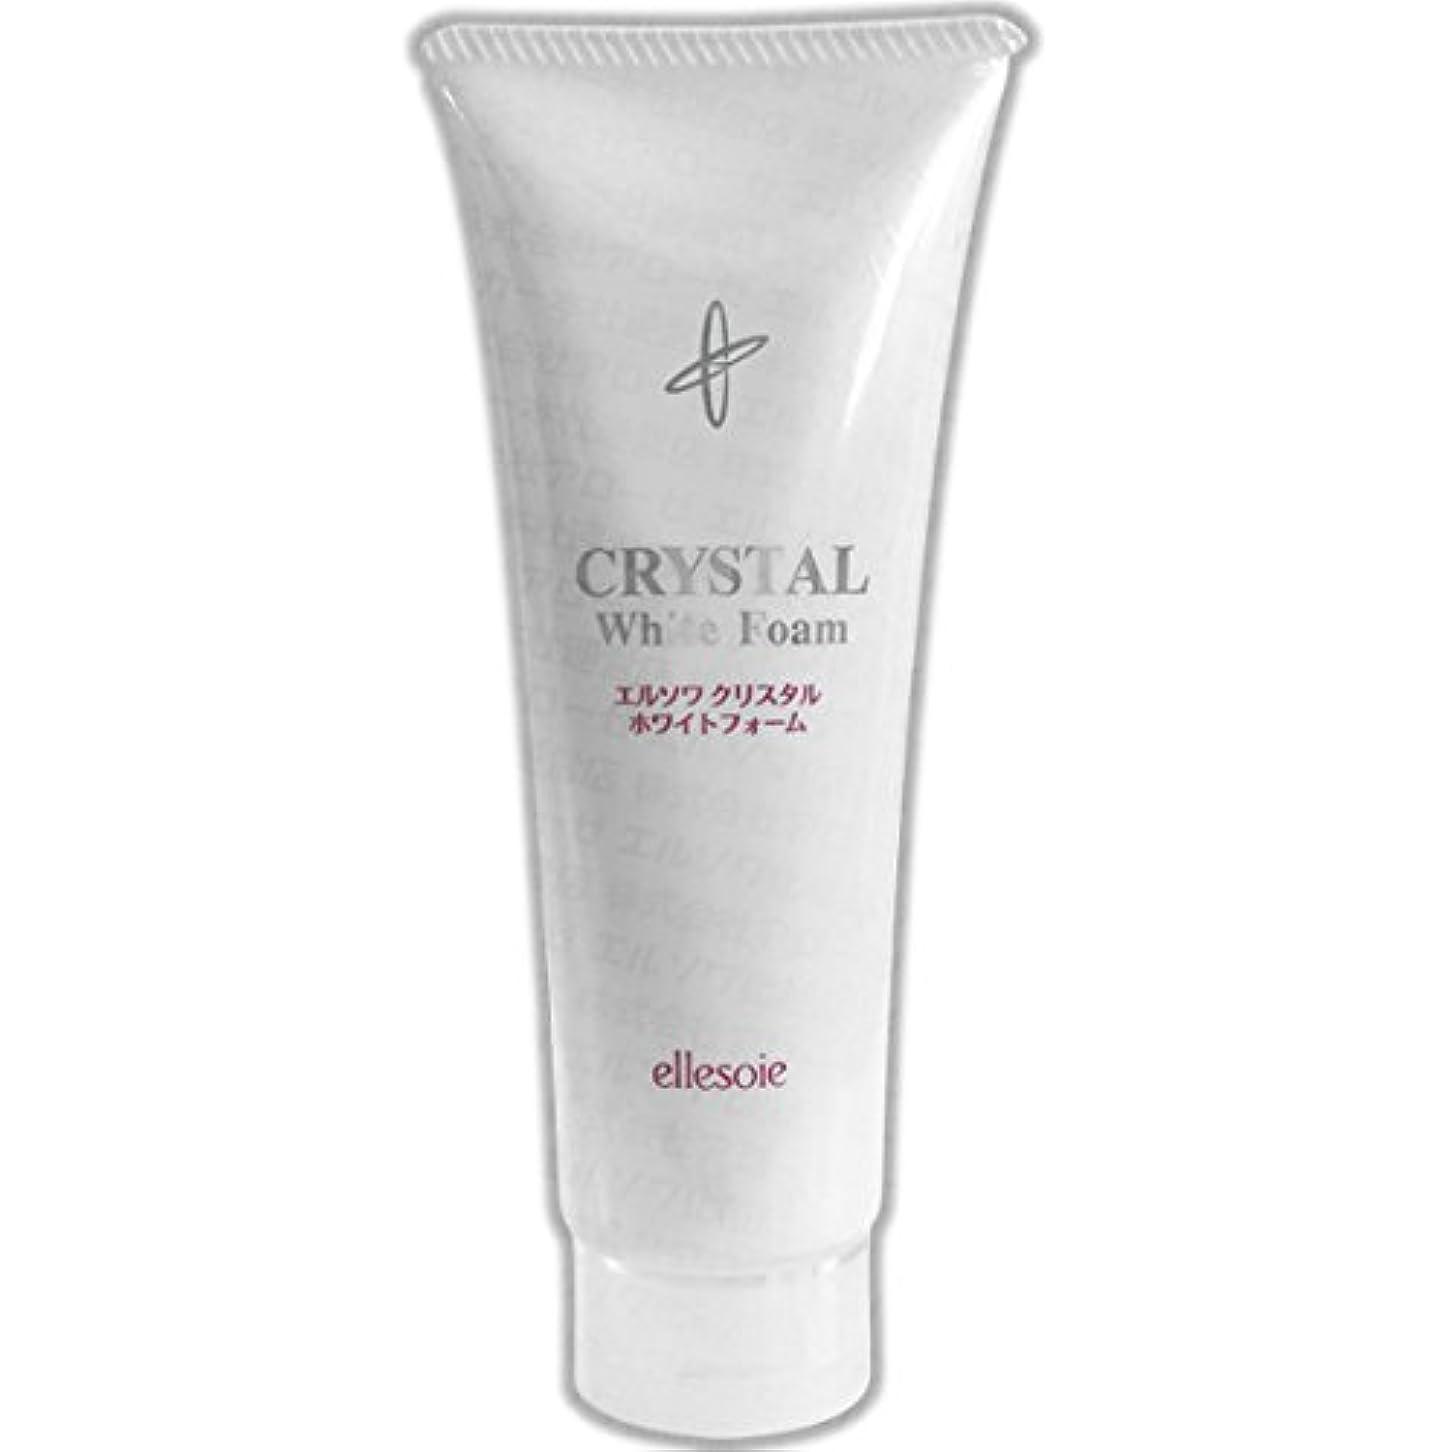 ママ呼ぶチャペルエルソワ化粧品(ellesoie) クリスタル ホワイトフォーム 洗顔